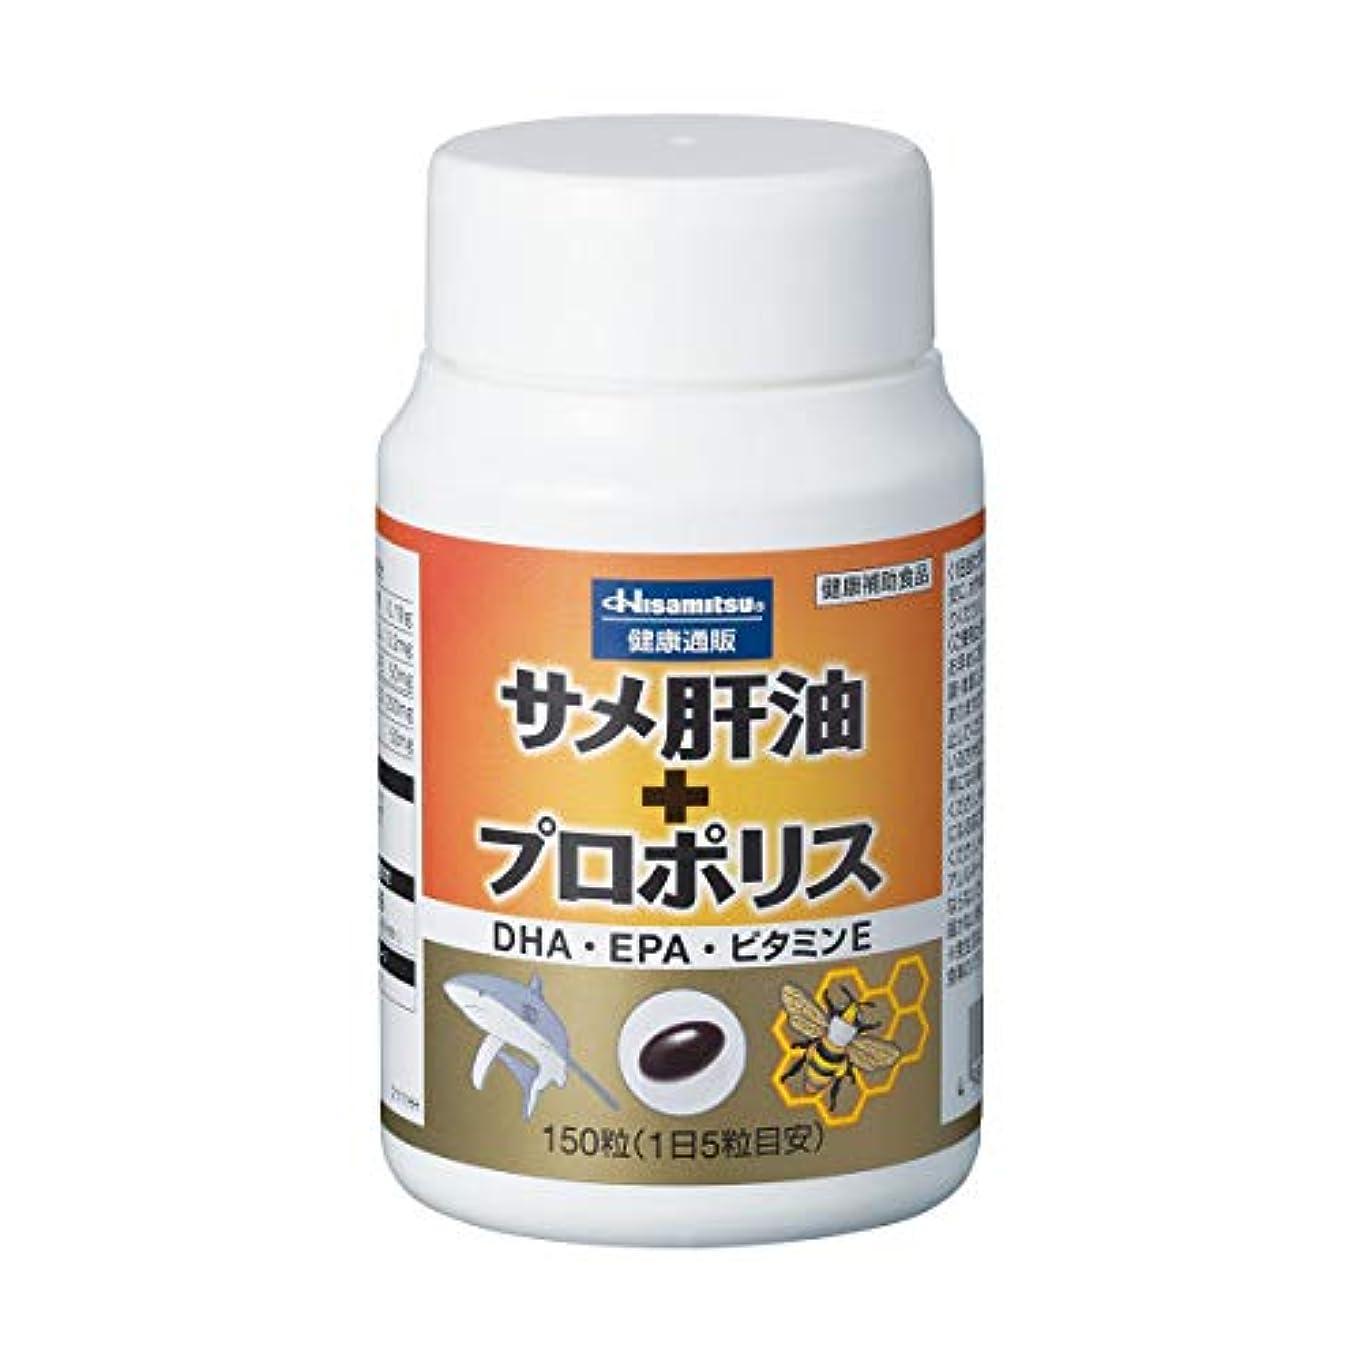 背の高い急いで未接続サメ肝油 + プロポリス 150粒 DHA EPA ビタミンE 配合 久光製薬